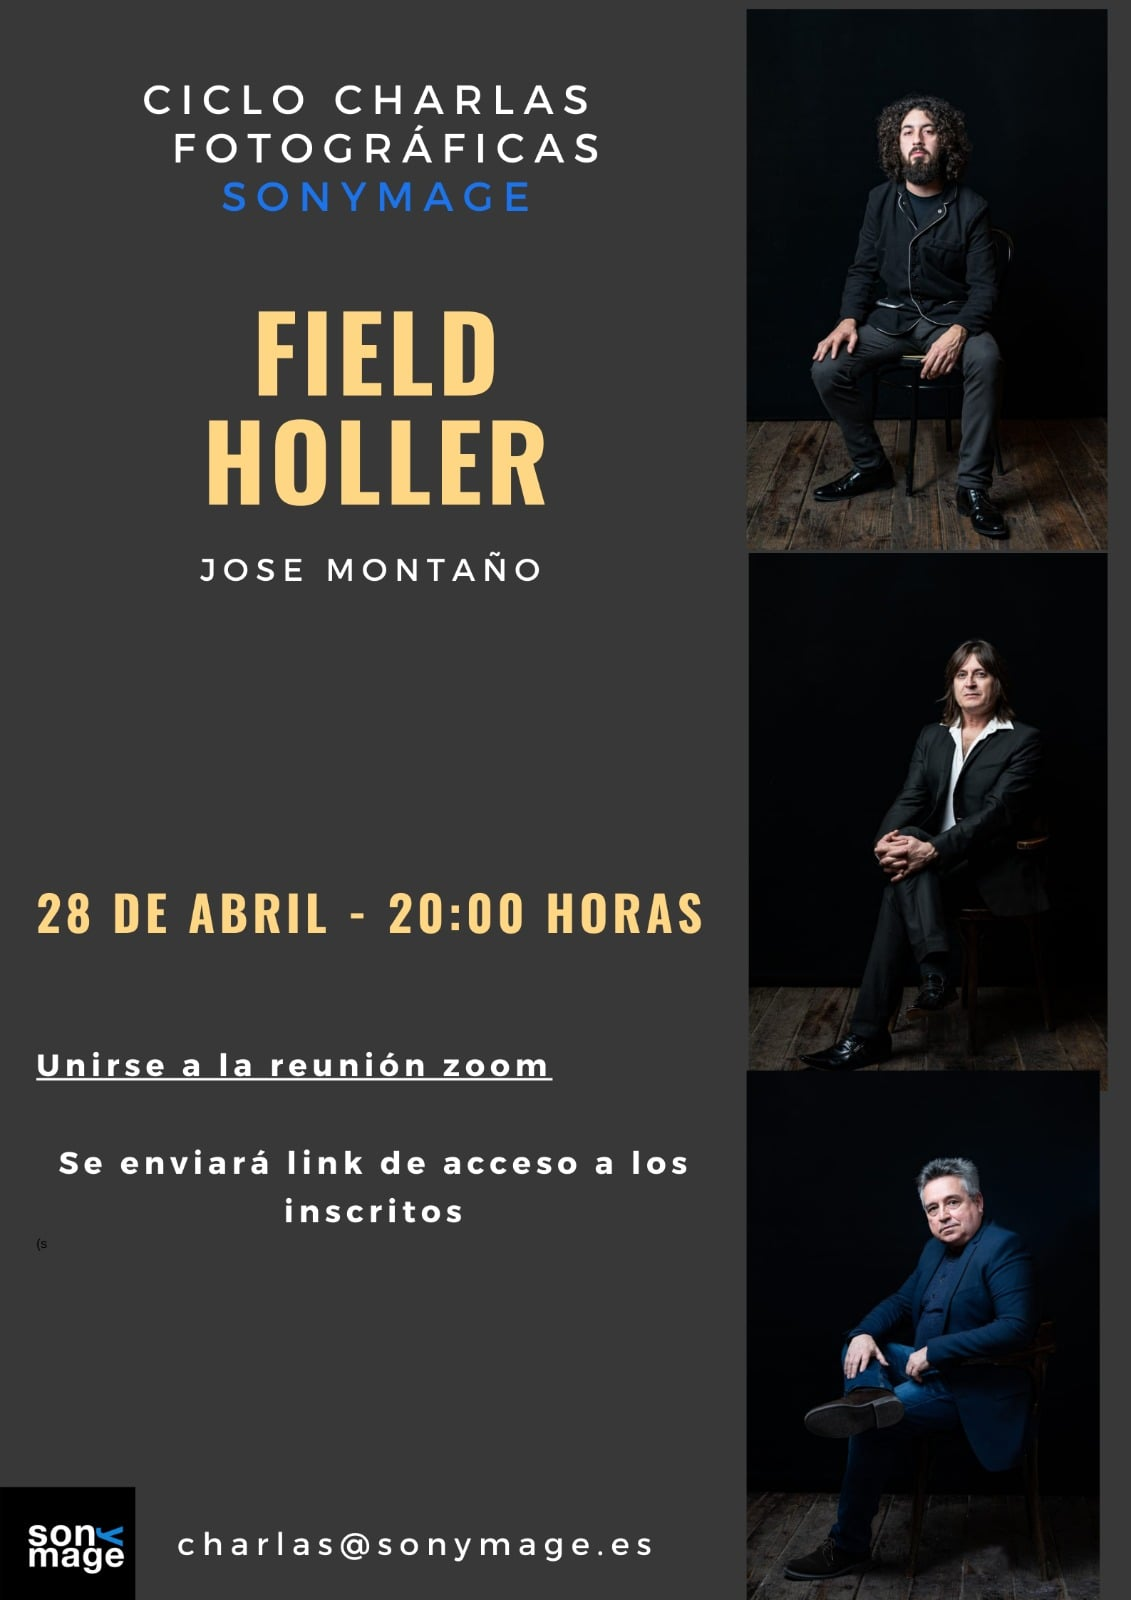 Field Holler - José Montaño